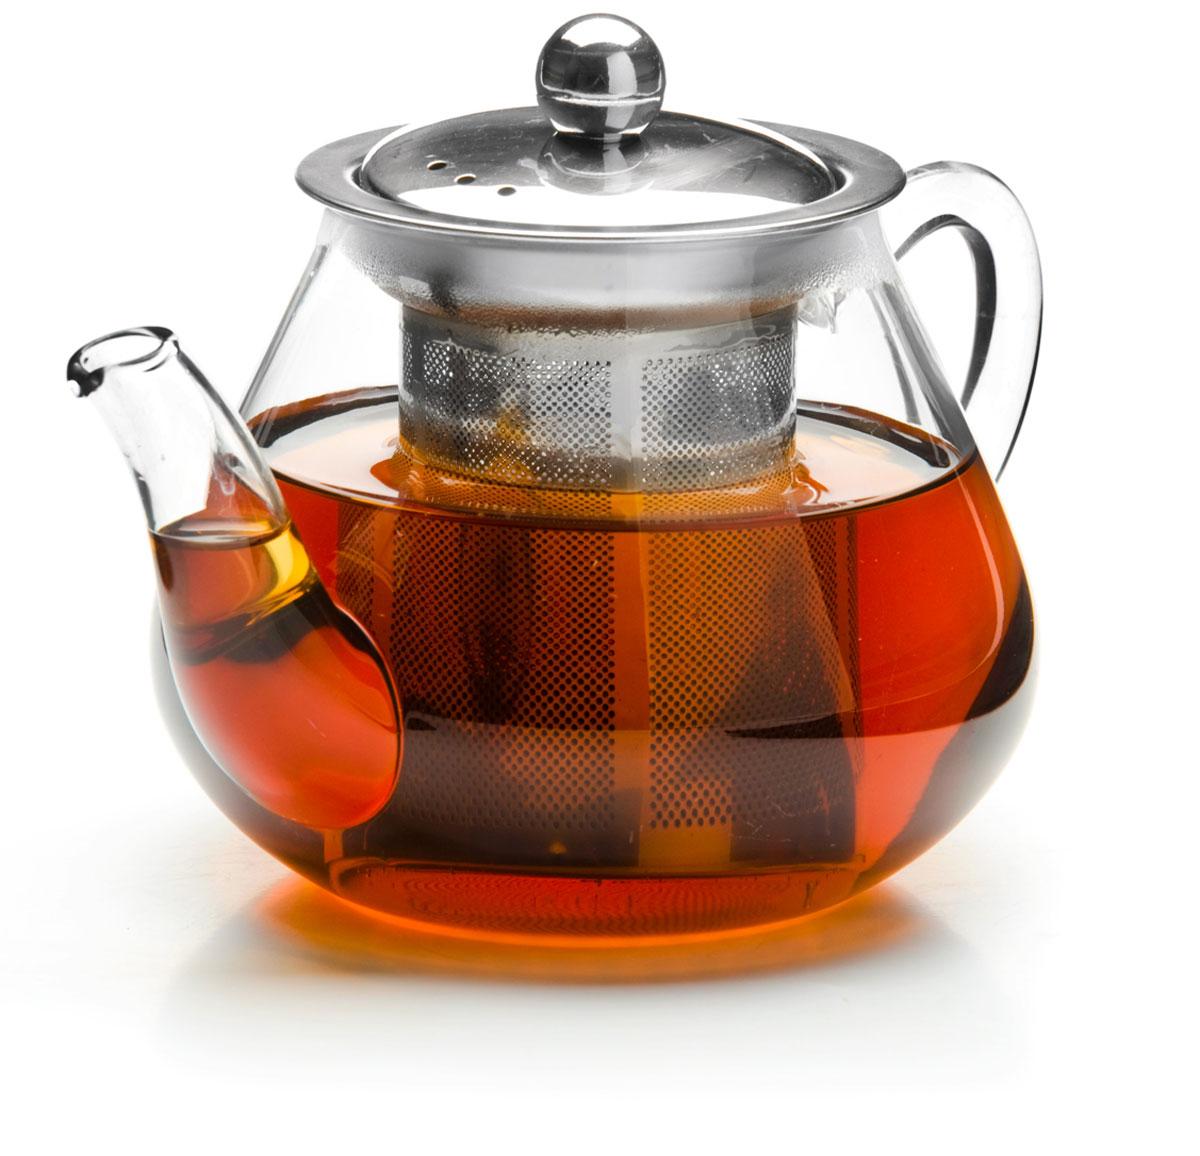 Чайник заварочный Mayer & Boch, с ситом, 600 мл. 26201VT-1520(SR)Заварочный чайник изготовлен из термостойкого боросиликатного стекла, крышка и фильтр выполнены из нержавеющей стали .Изделия из стекла не впитывают запахи, благодаря чему вы всегда получите натуральный, насыщенный вкус и аромат напитков. Подходит для мытья в посудомоечной машине.Объем чайника: 600 мл.